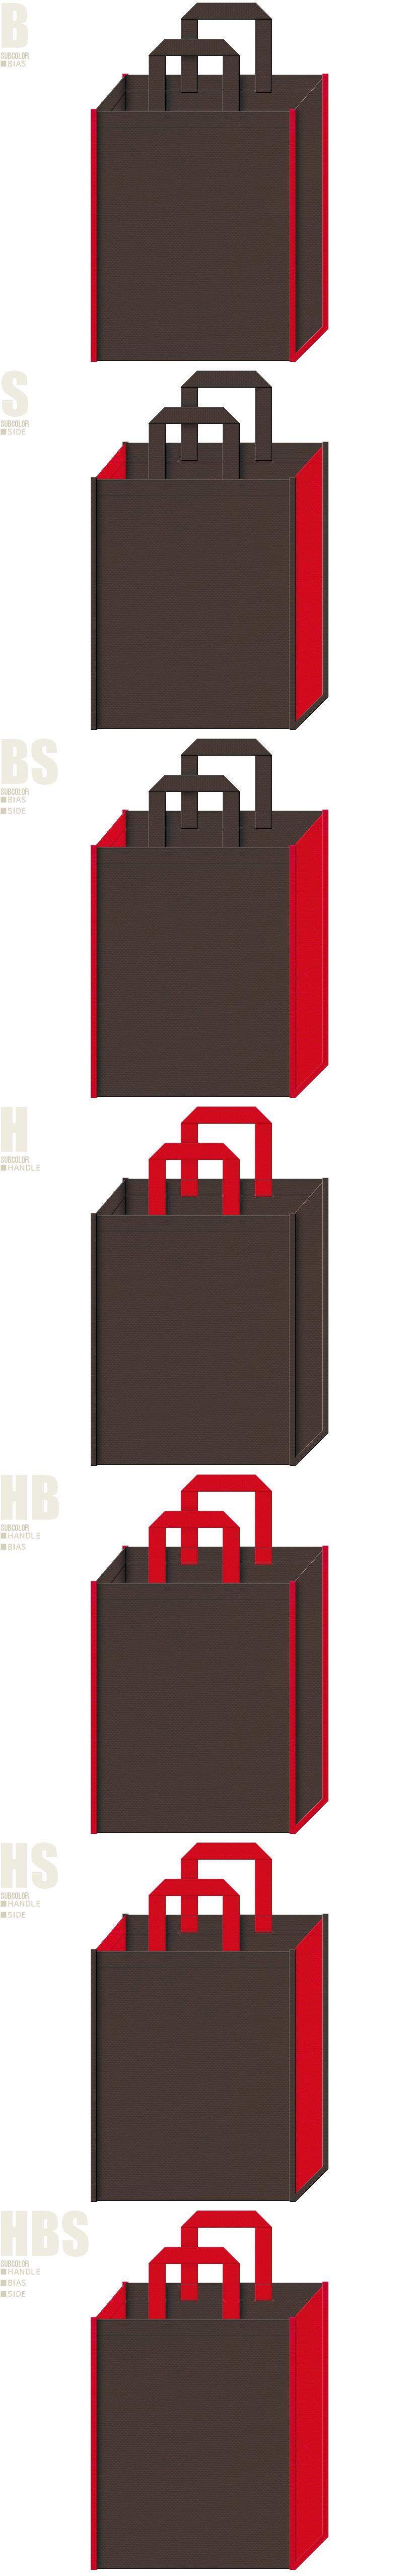 クリスマスの不織布バッグにお奨めです。こげ茶色と紅色、7パターンの不織布トートバッグ配色デザイン例。